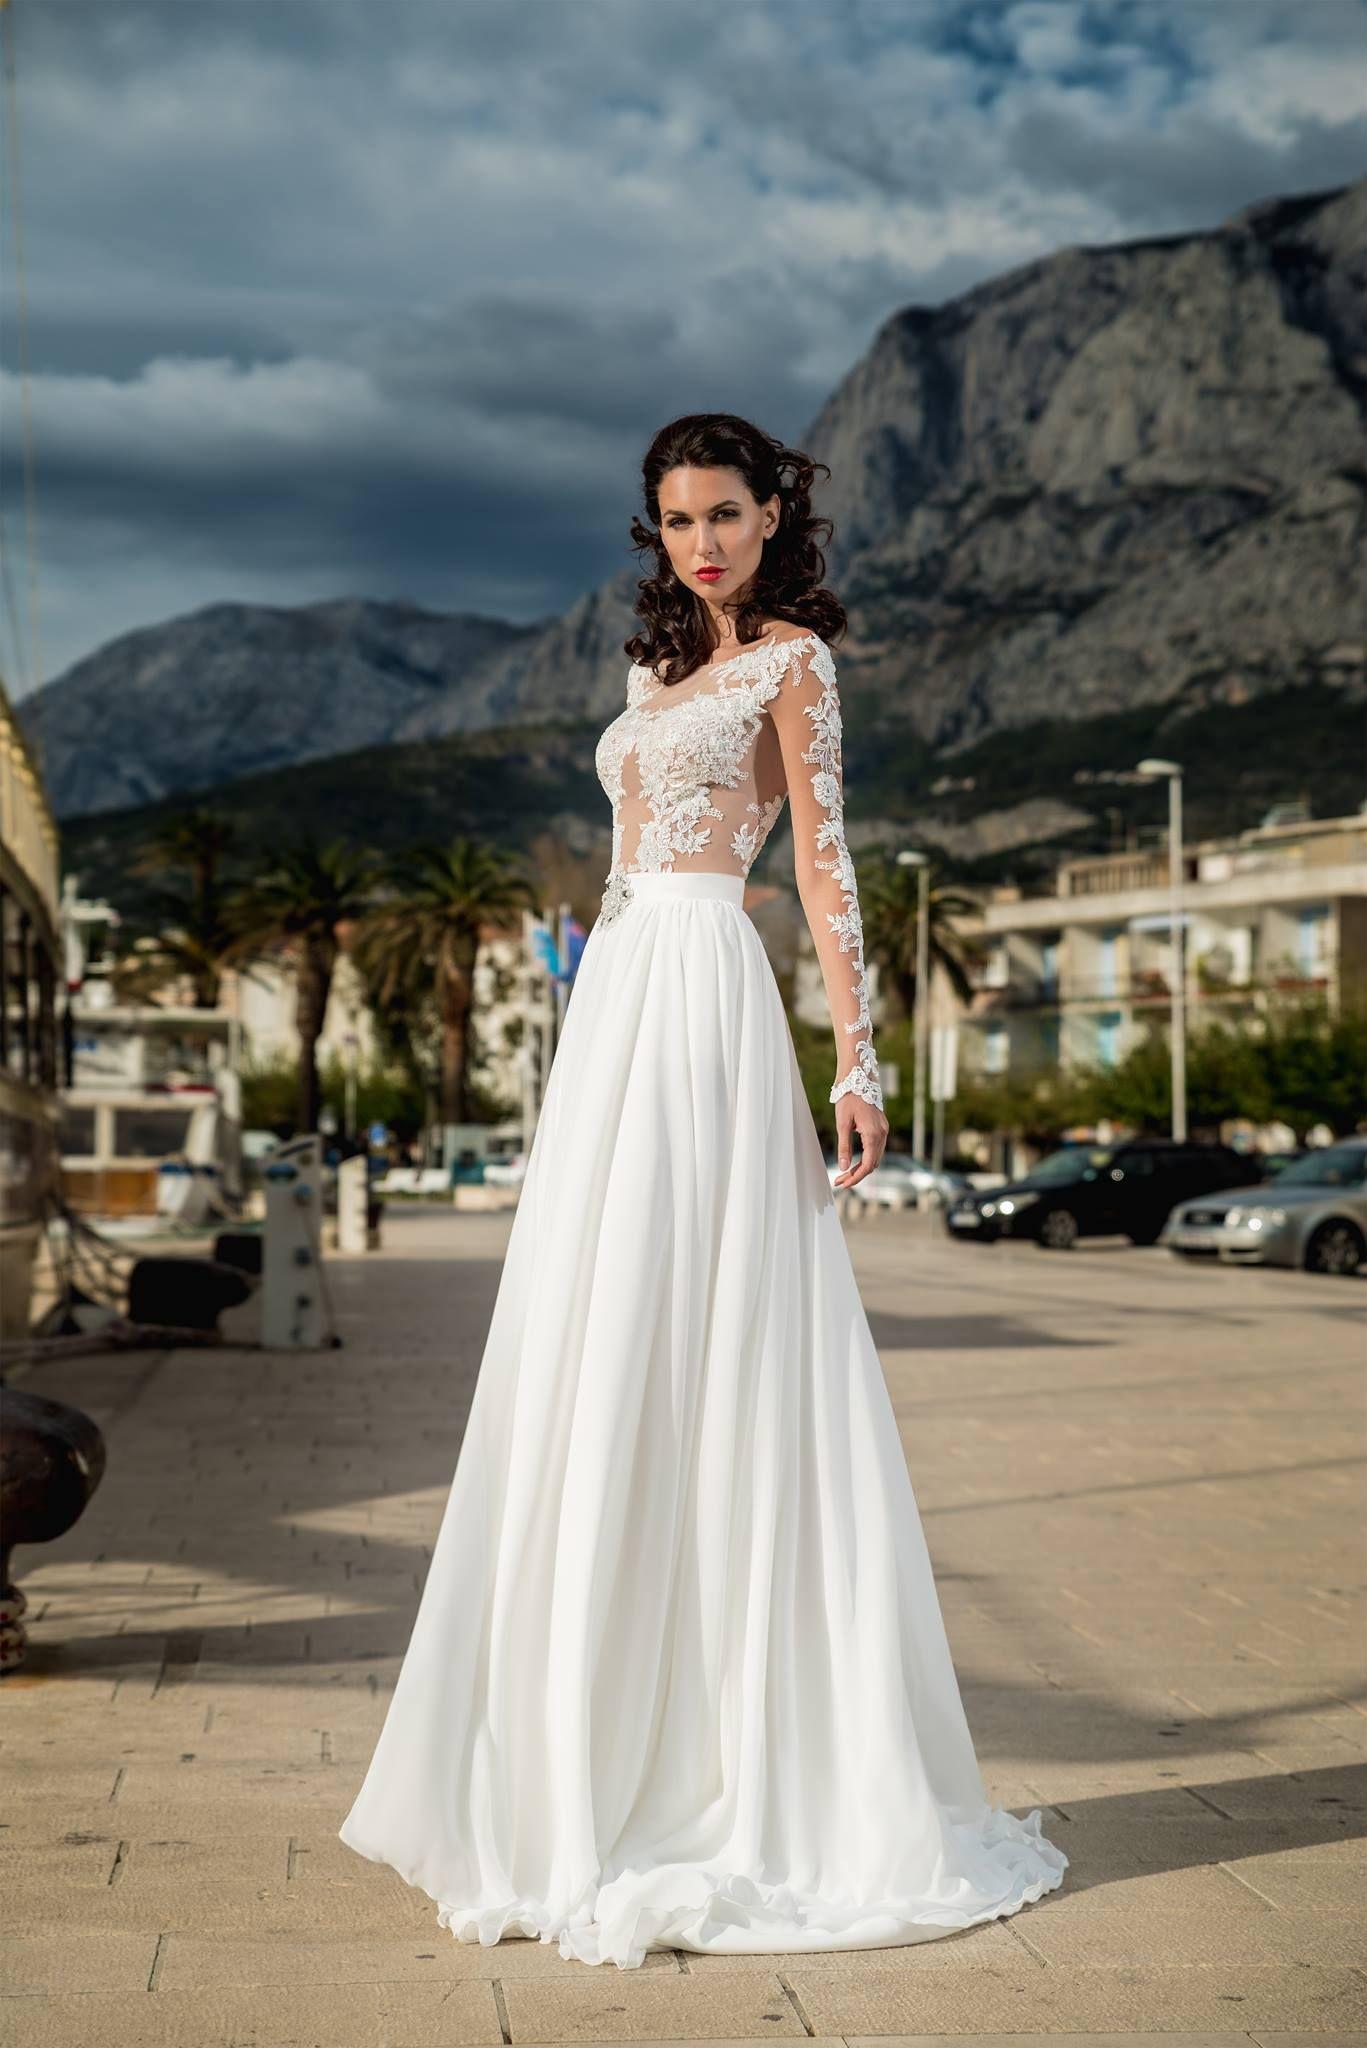 Svadobné šaty Murano - dlhé rukávy - nádherná čipky - trend 2018 -  mušelínová padavá sukňa d49ac16f57a